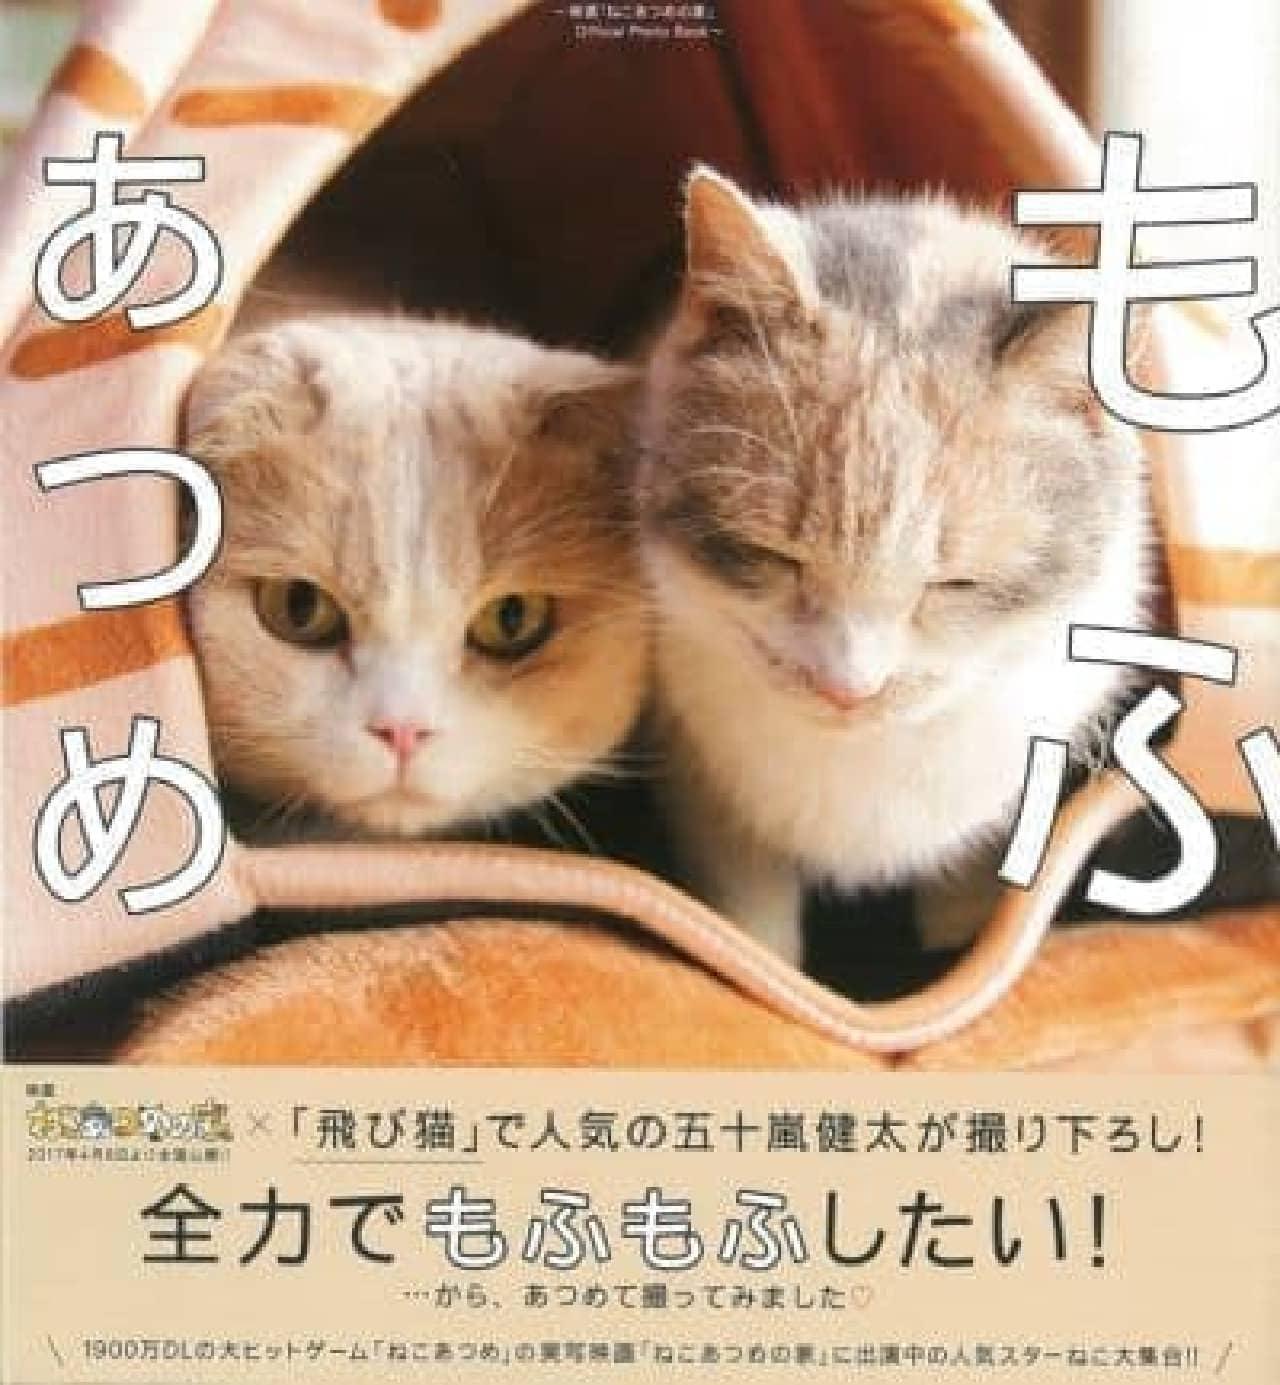 ネコ写真家 五十嵐健太さんの 「春の飛び猫写真展 全国巡回」スタート